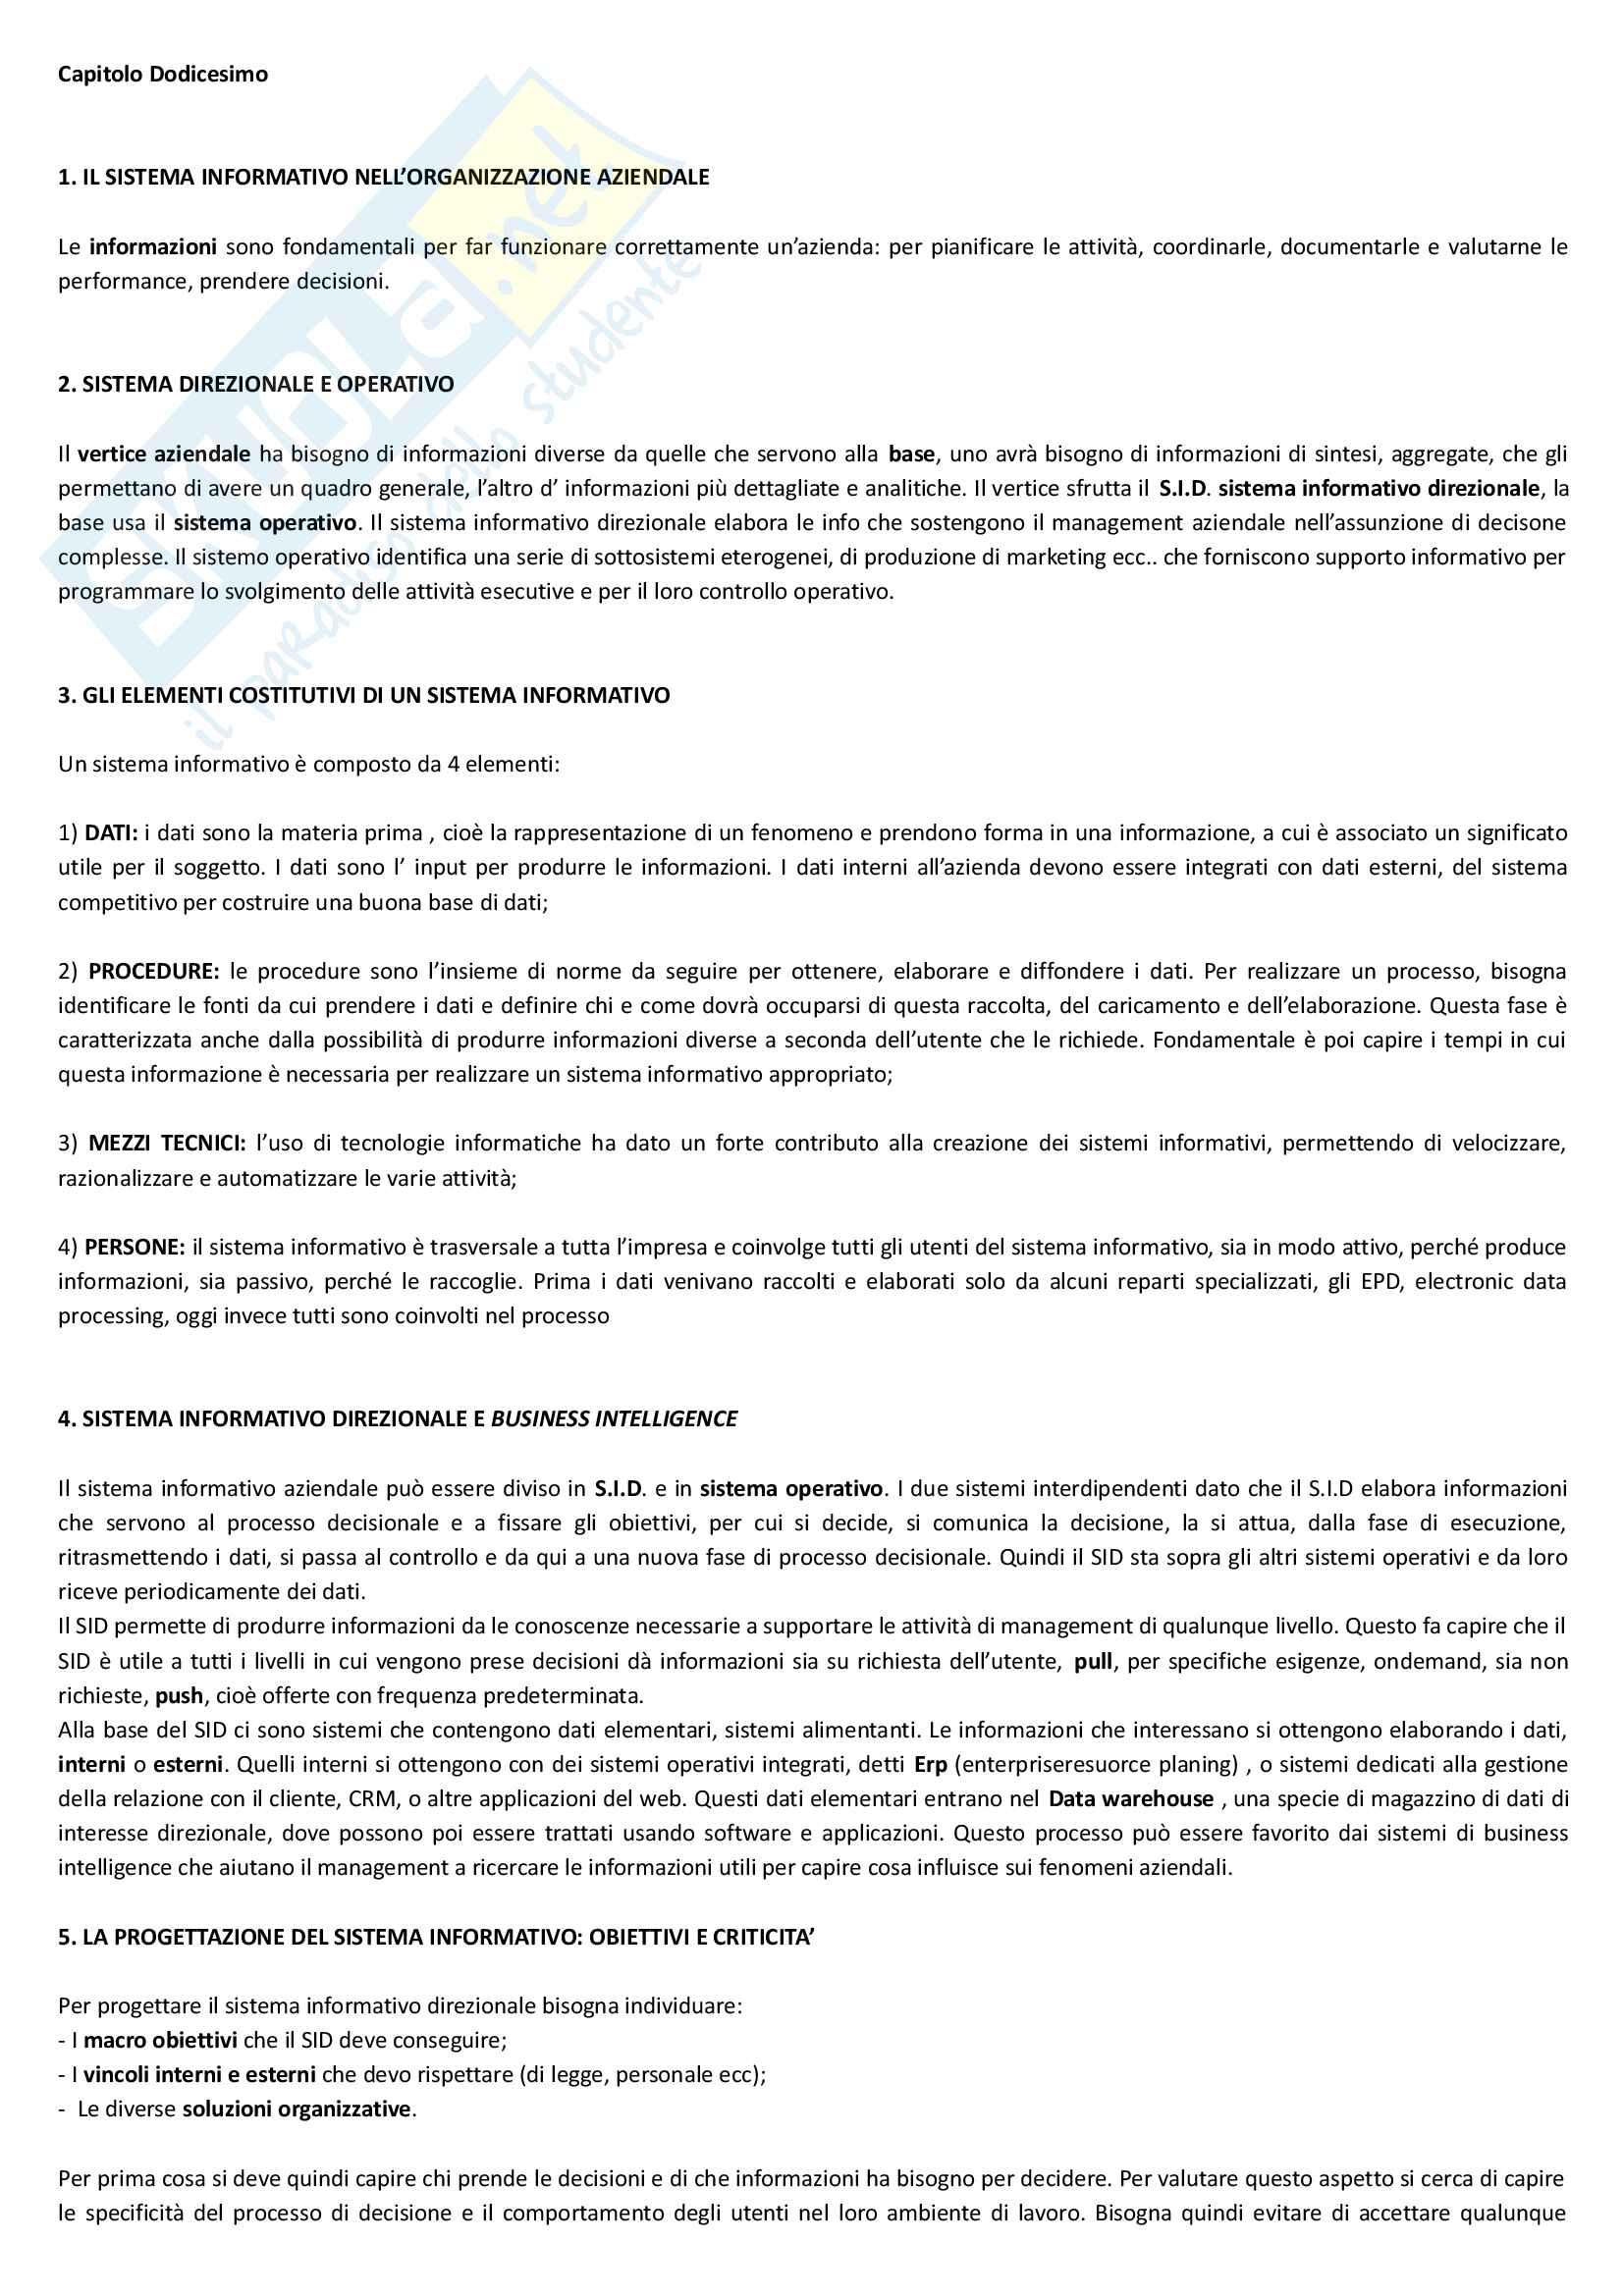 """Riassunto esame economia e gestione delle imprese, docente M. Colurcio, libro consigliato """"La gestione dell'impresa"""", Sciarelli Pag. 26"""